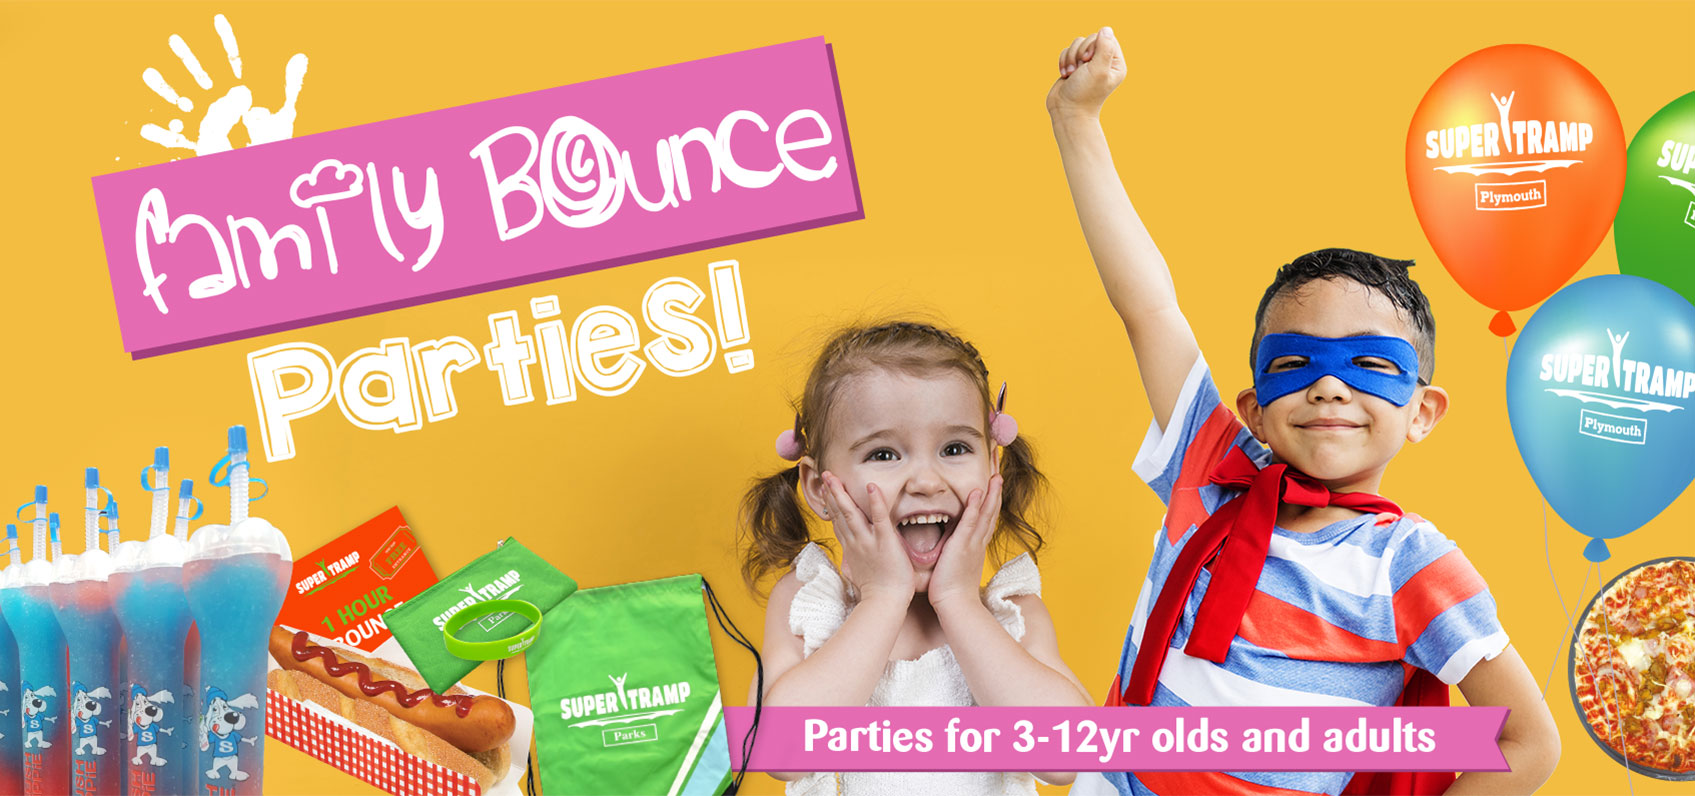 FAm-bounce-parties-stp.jpg